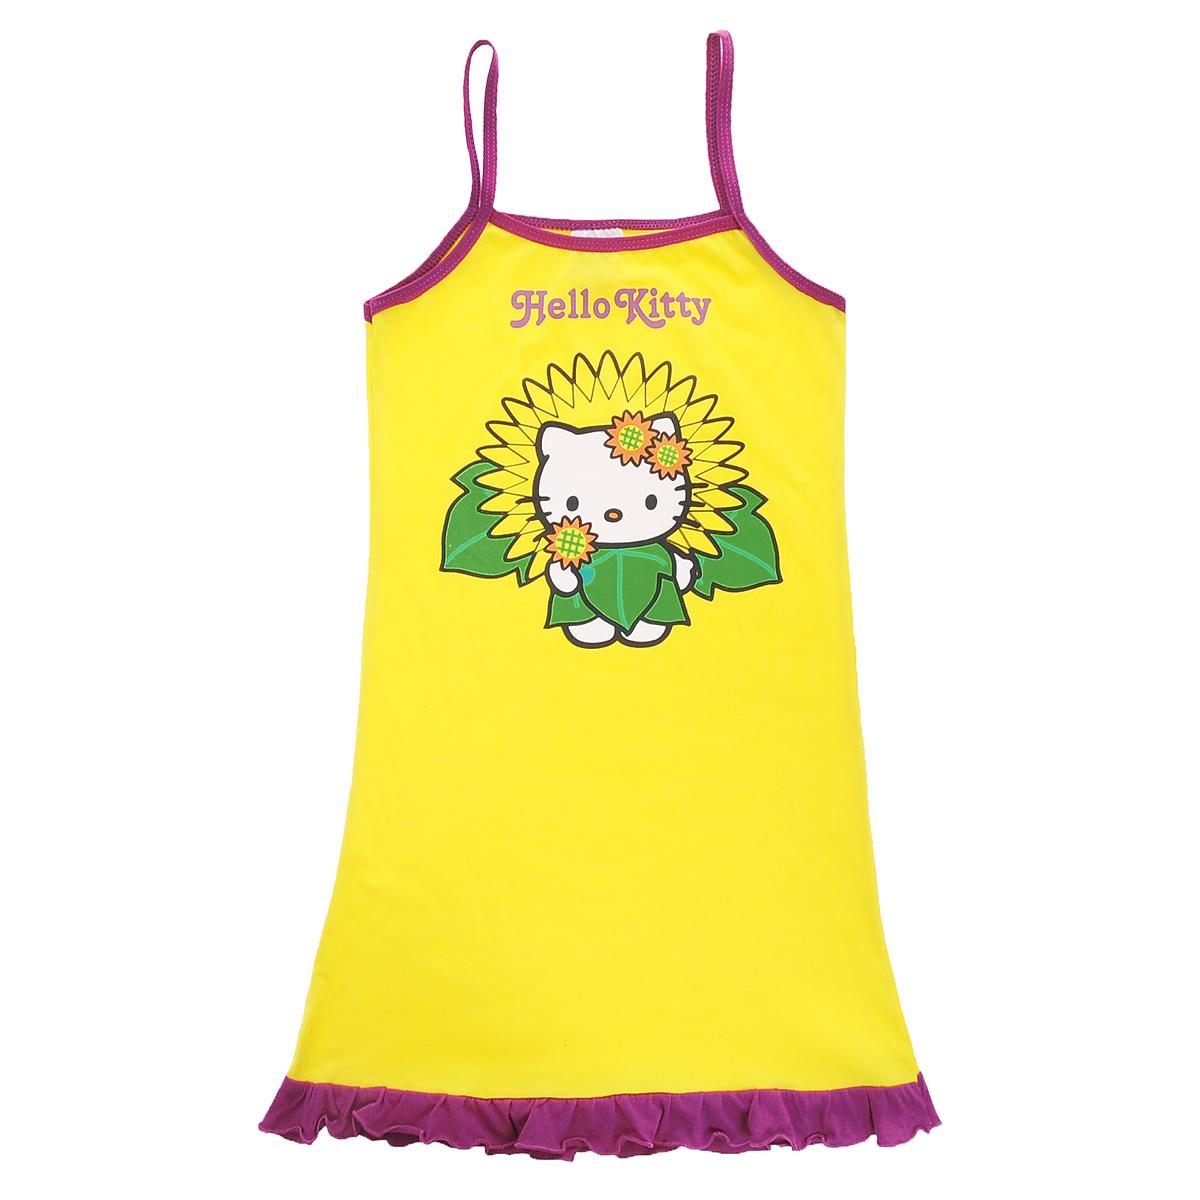 Сорочка для девочки Hello Kitty, цвет: желтый, фиолетовый. 62PJ1. Размер 104/110, 4 года62PJ1Стильная сорочка для девочки Hello Kitty идеально подойдет вашей малышке и станет отличным дополнением к детскому гардеробу. Изготовленная из натурального хлопка, она необычайно мягкая и приятная на ощупь, не раздражает нежную кожу ребенка и хорошо вентилируется, а эластичные швы приятны телу малышки и не препятствуют ее движениям. Сорочка с тонкими бретелями и круглым вырезом горловины оформлена яркой термоаппликацией с изображением кошечки Китти и надписью Hello Kitty. Низ изделия украшен воздушной оборкой, гармонично дополняющей образ. Такая сорочка идеально подойдет вашей малышке, а мягкие полотна позволят маленькой принцессе комфортно чувствовать себя во время сна!